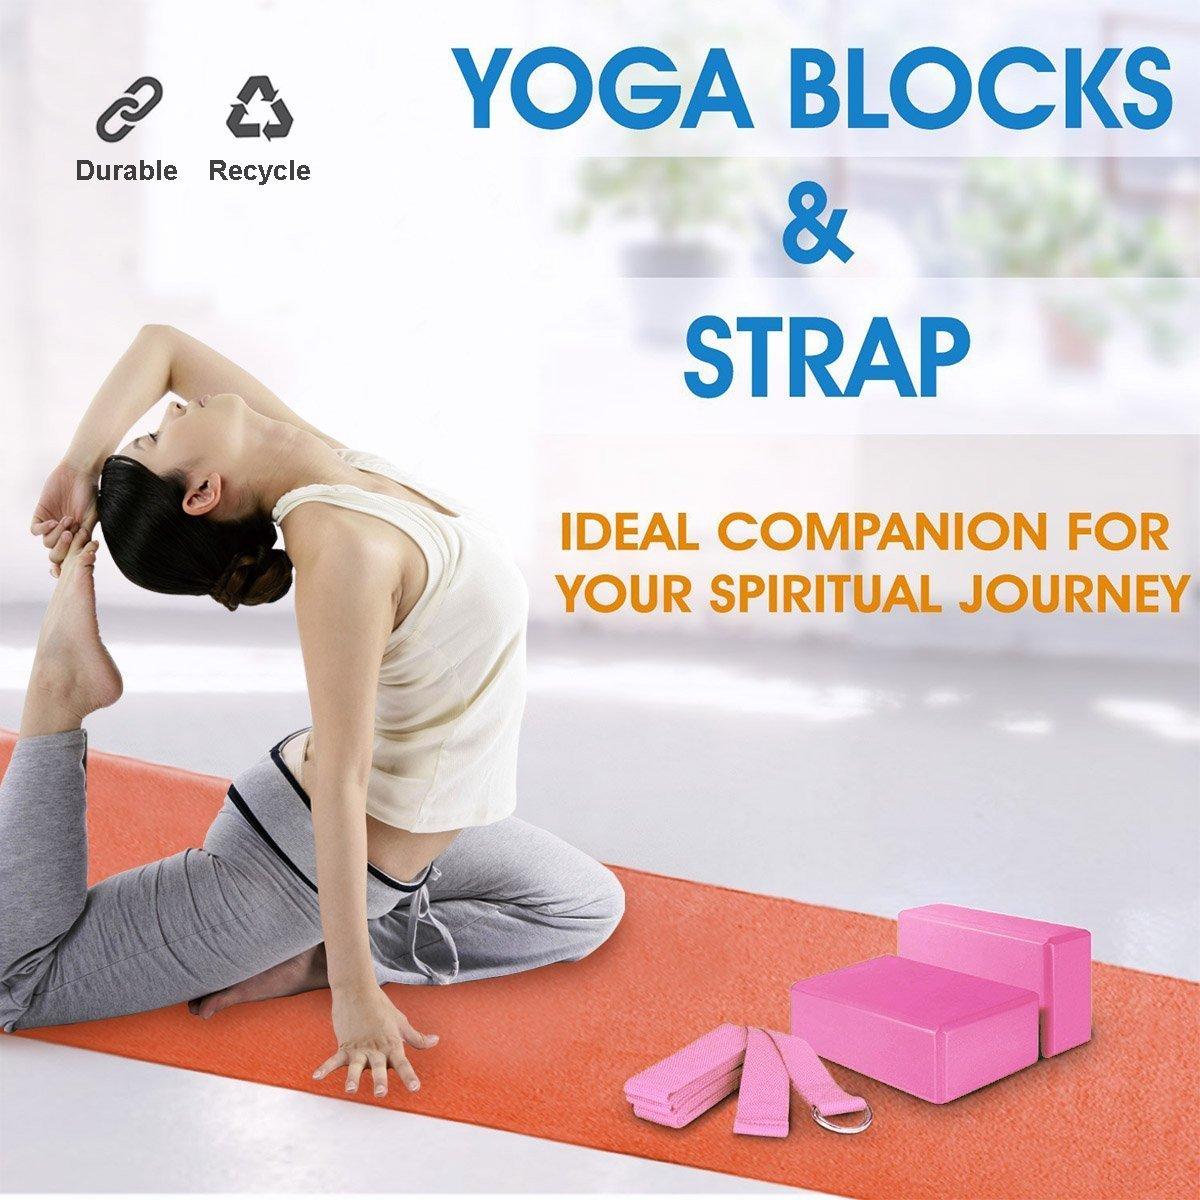 JIMS STORE Bloque de Espuma Correa,Bloque de Yoga Ejercico EVA de Alta Densidad para Mejorar Fuerza y Flexibilidad Yoga Pilates Amantes